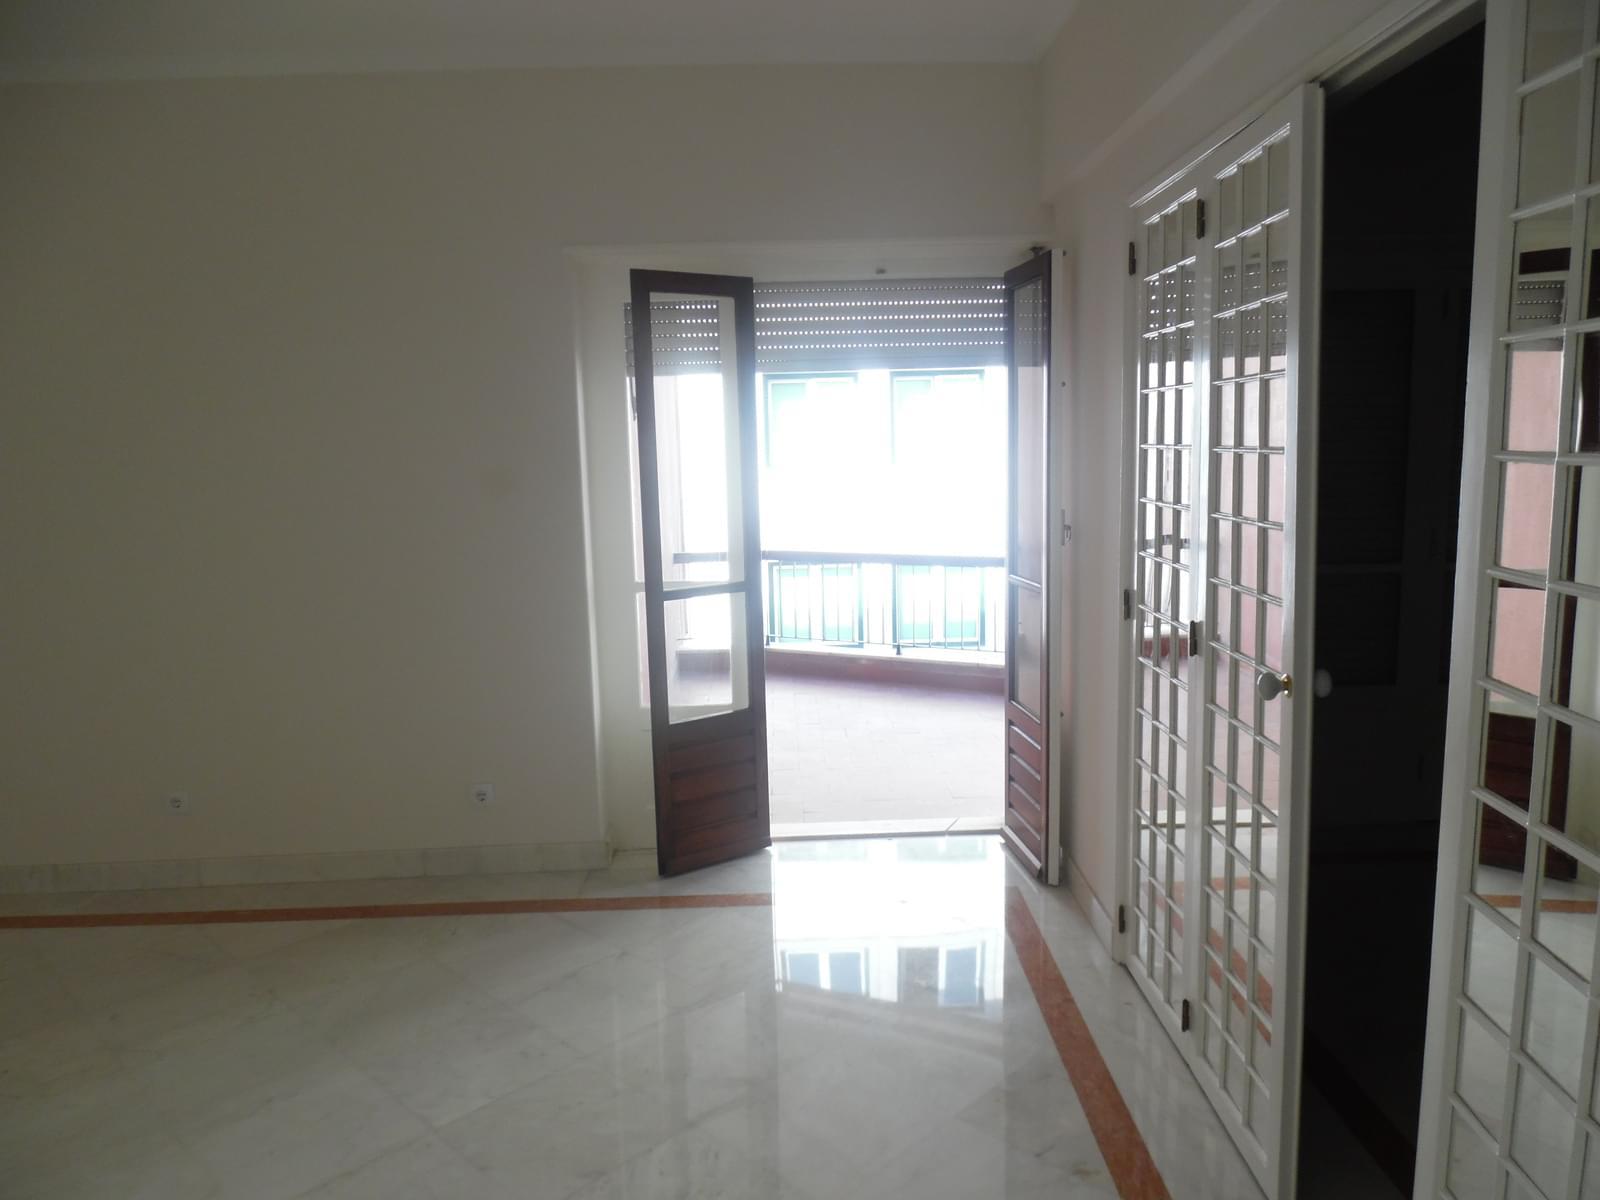 pf17621-apartamento-t4-lisboa-74cd023b-50b5-4c9d-a822-8fbeda3fe9fe